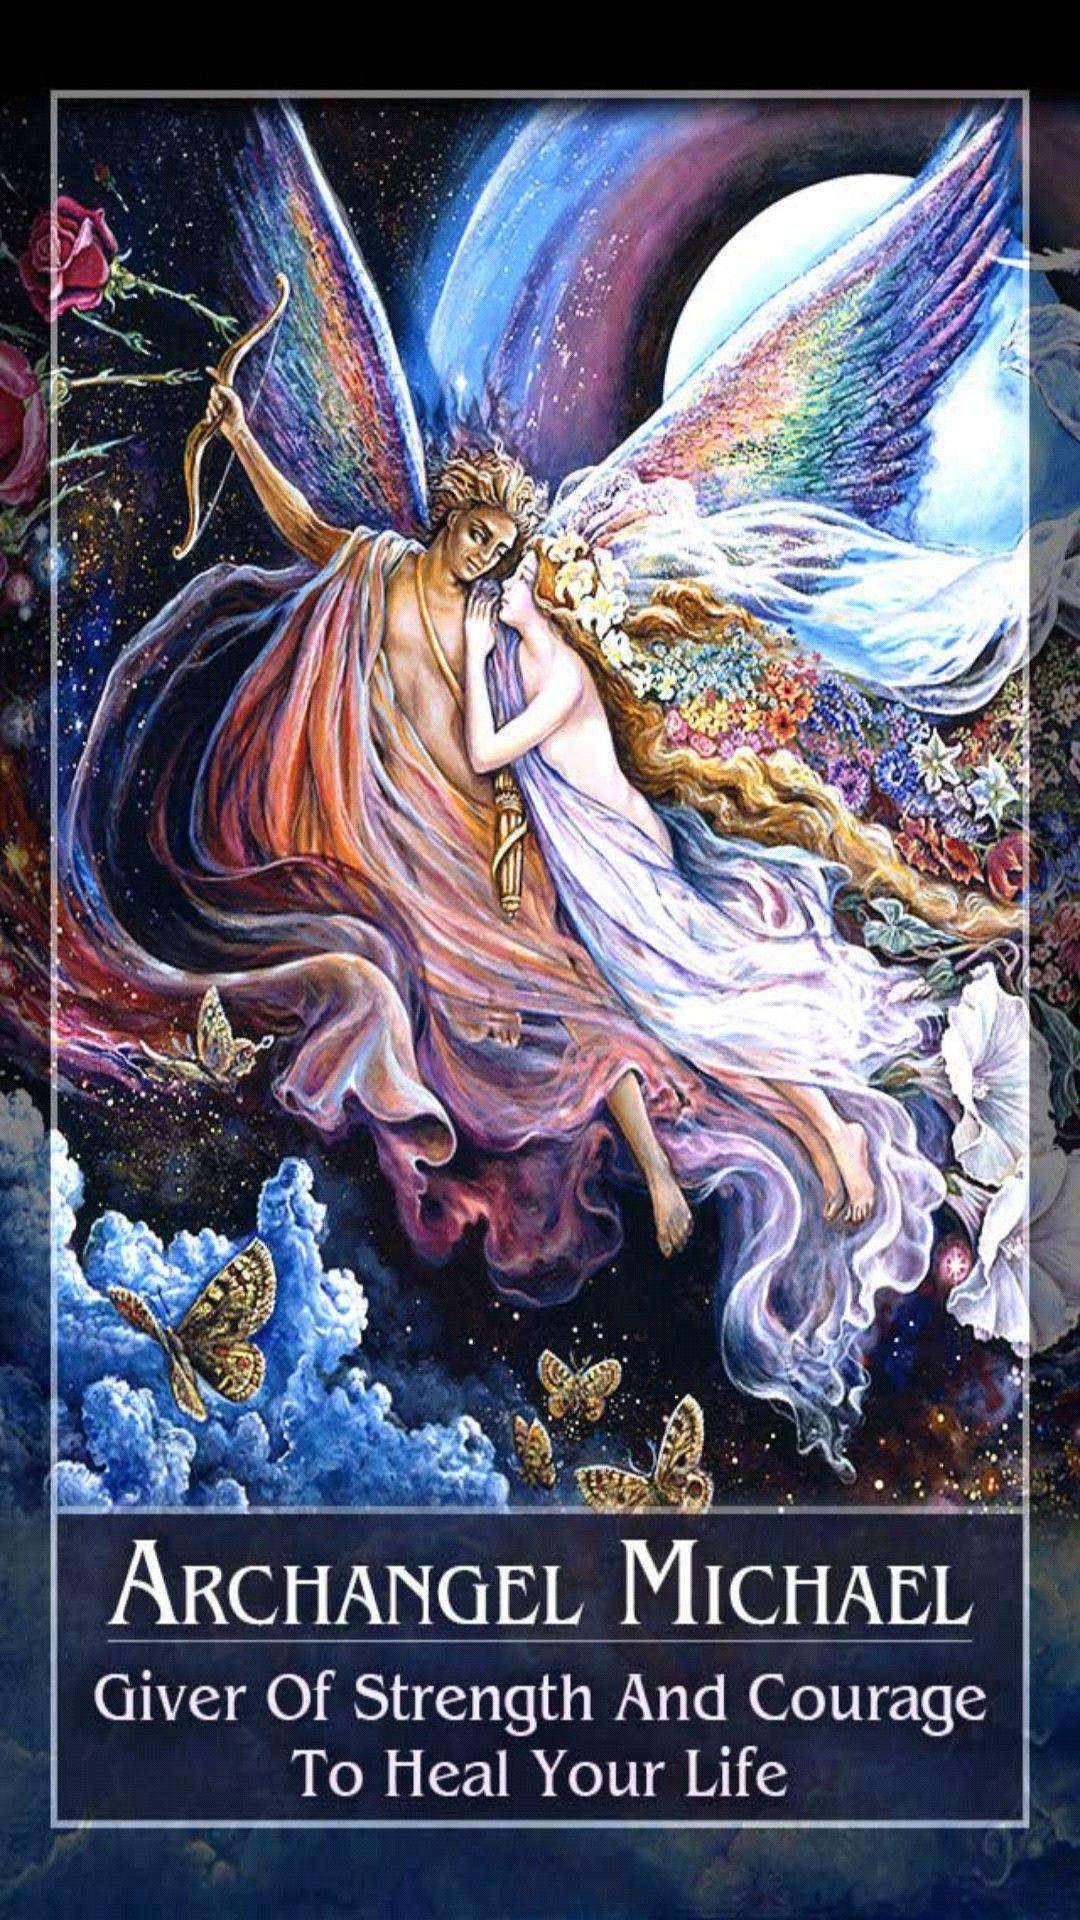 Mystical oracle archangel michael saintmichael